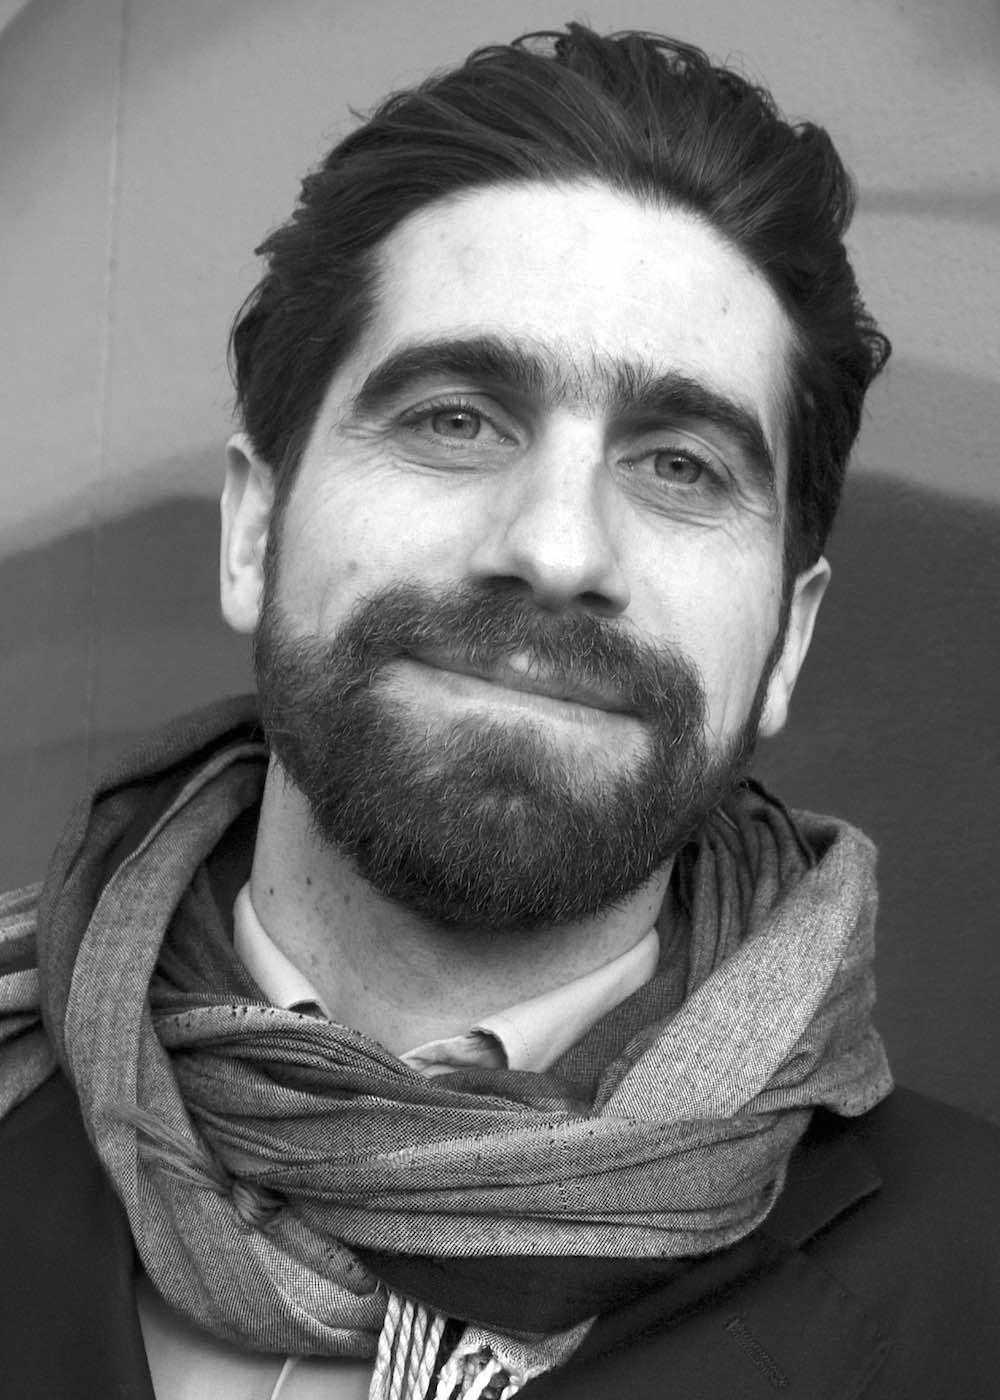 David Munir NabtiCEO -